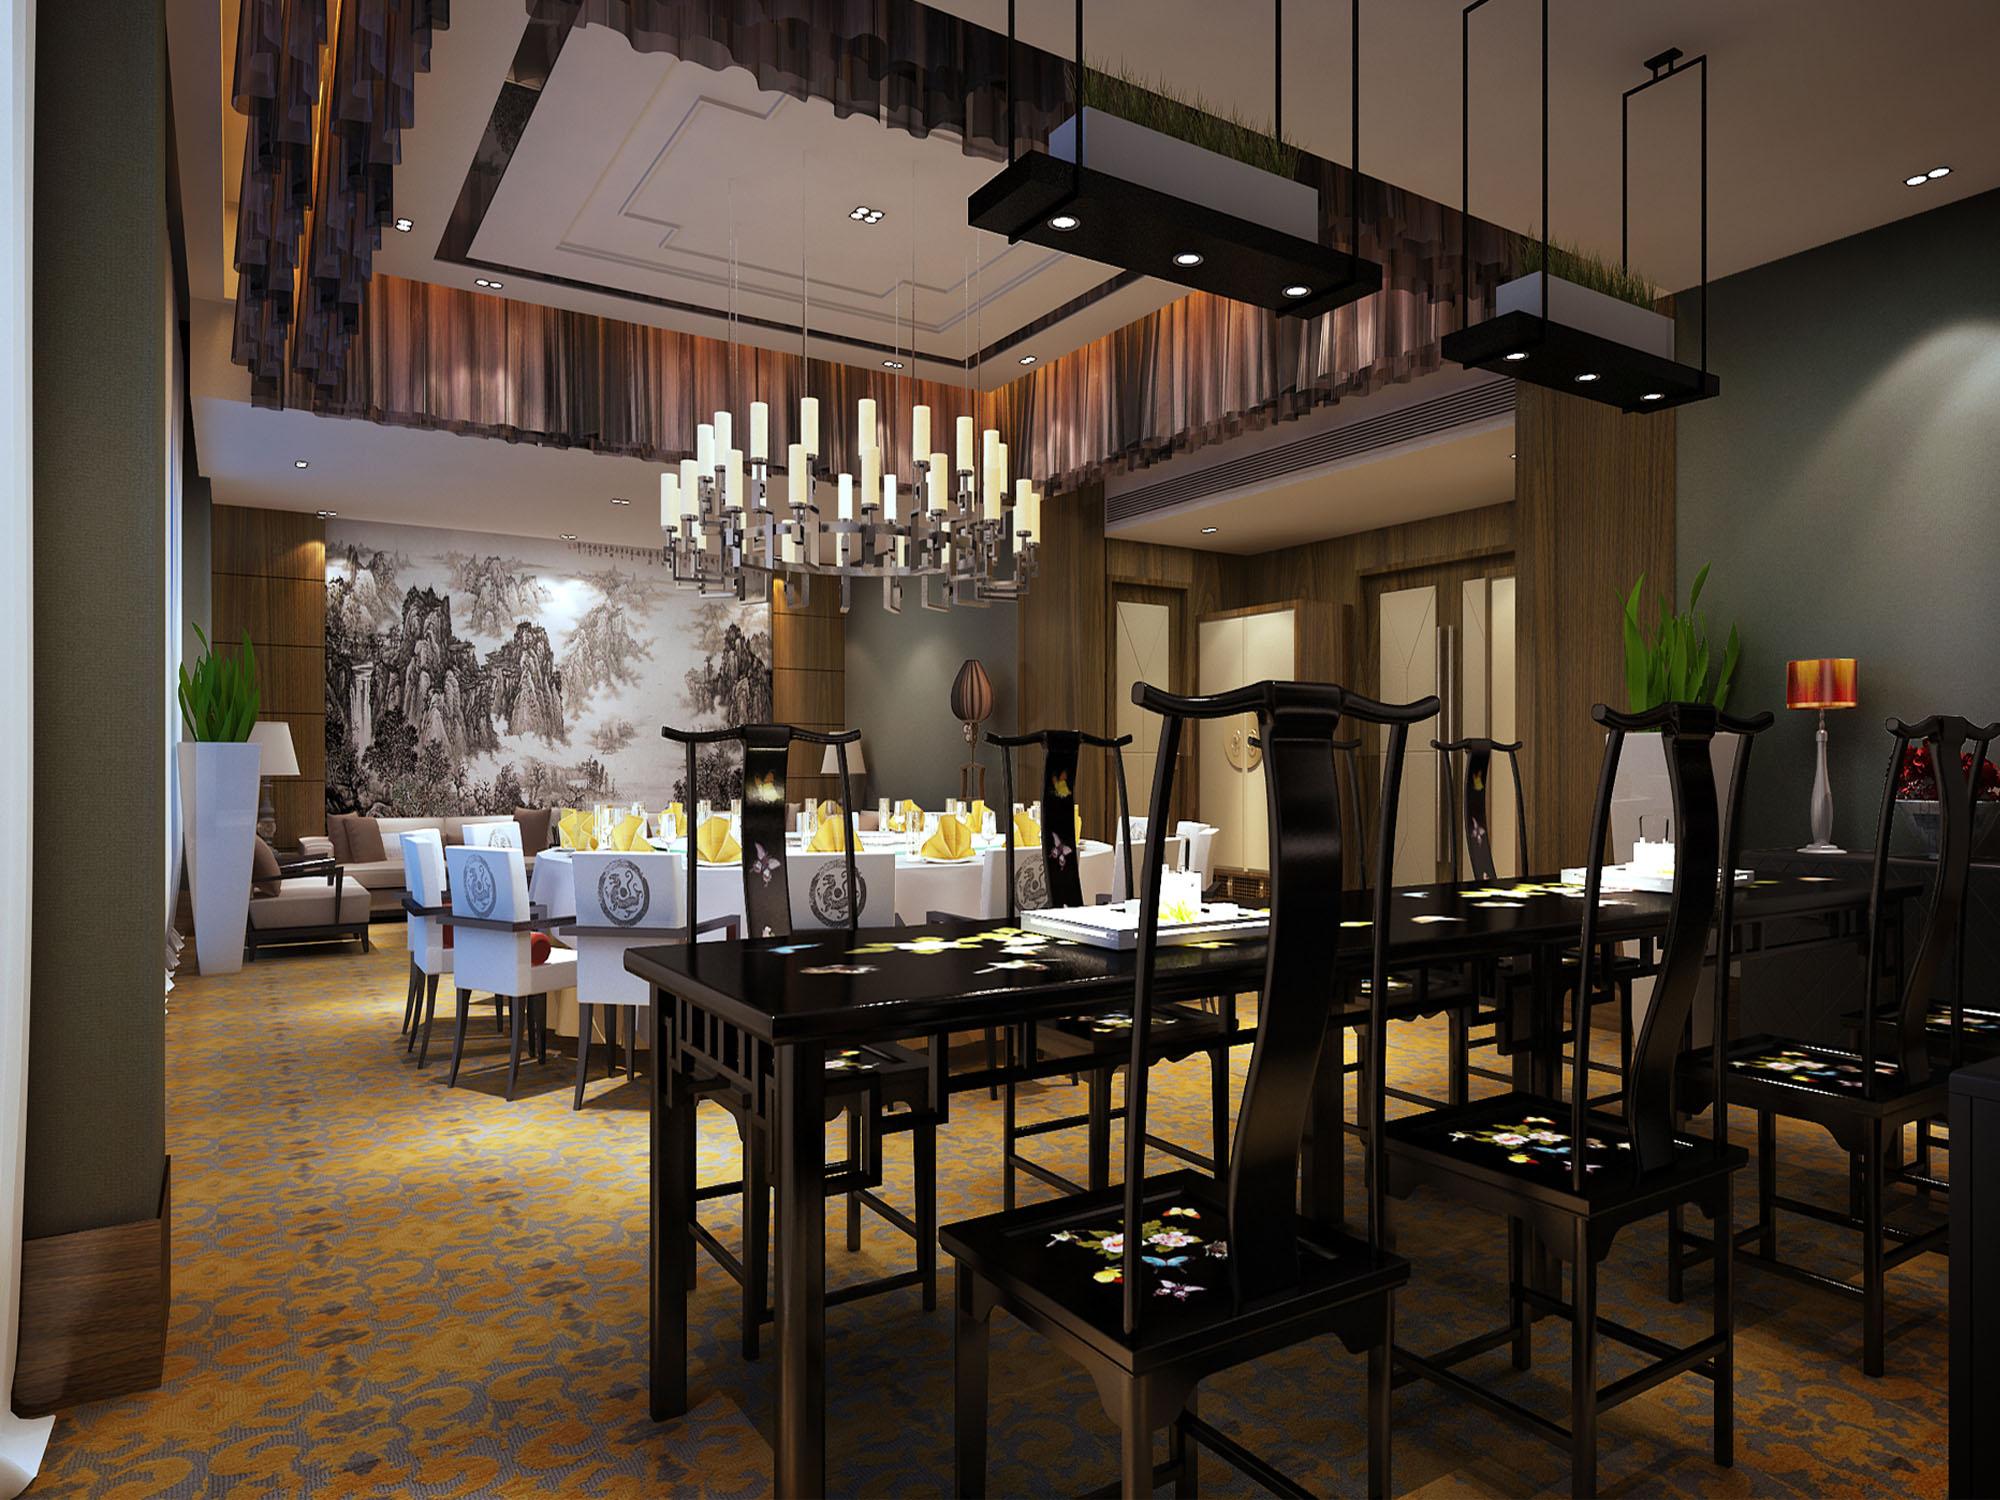 酒店装修哪家好 口碑好的酒店装修设计公司